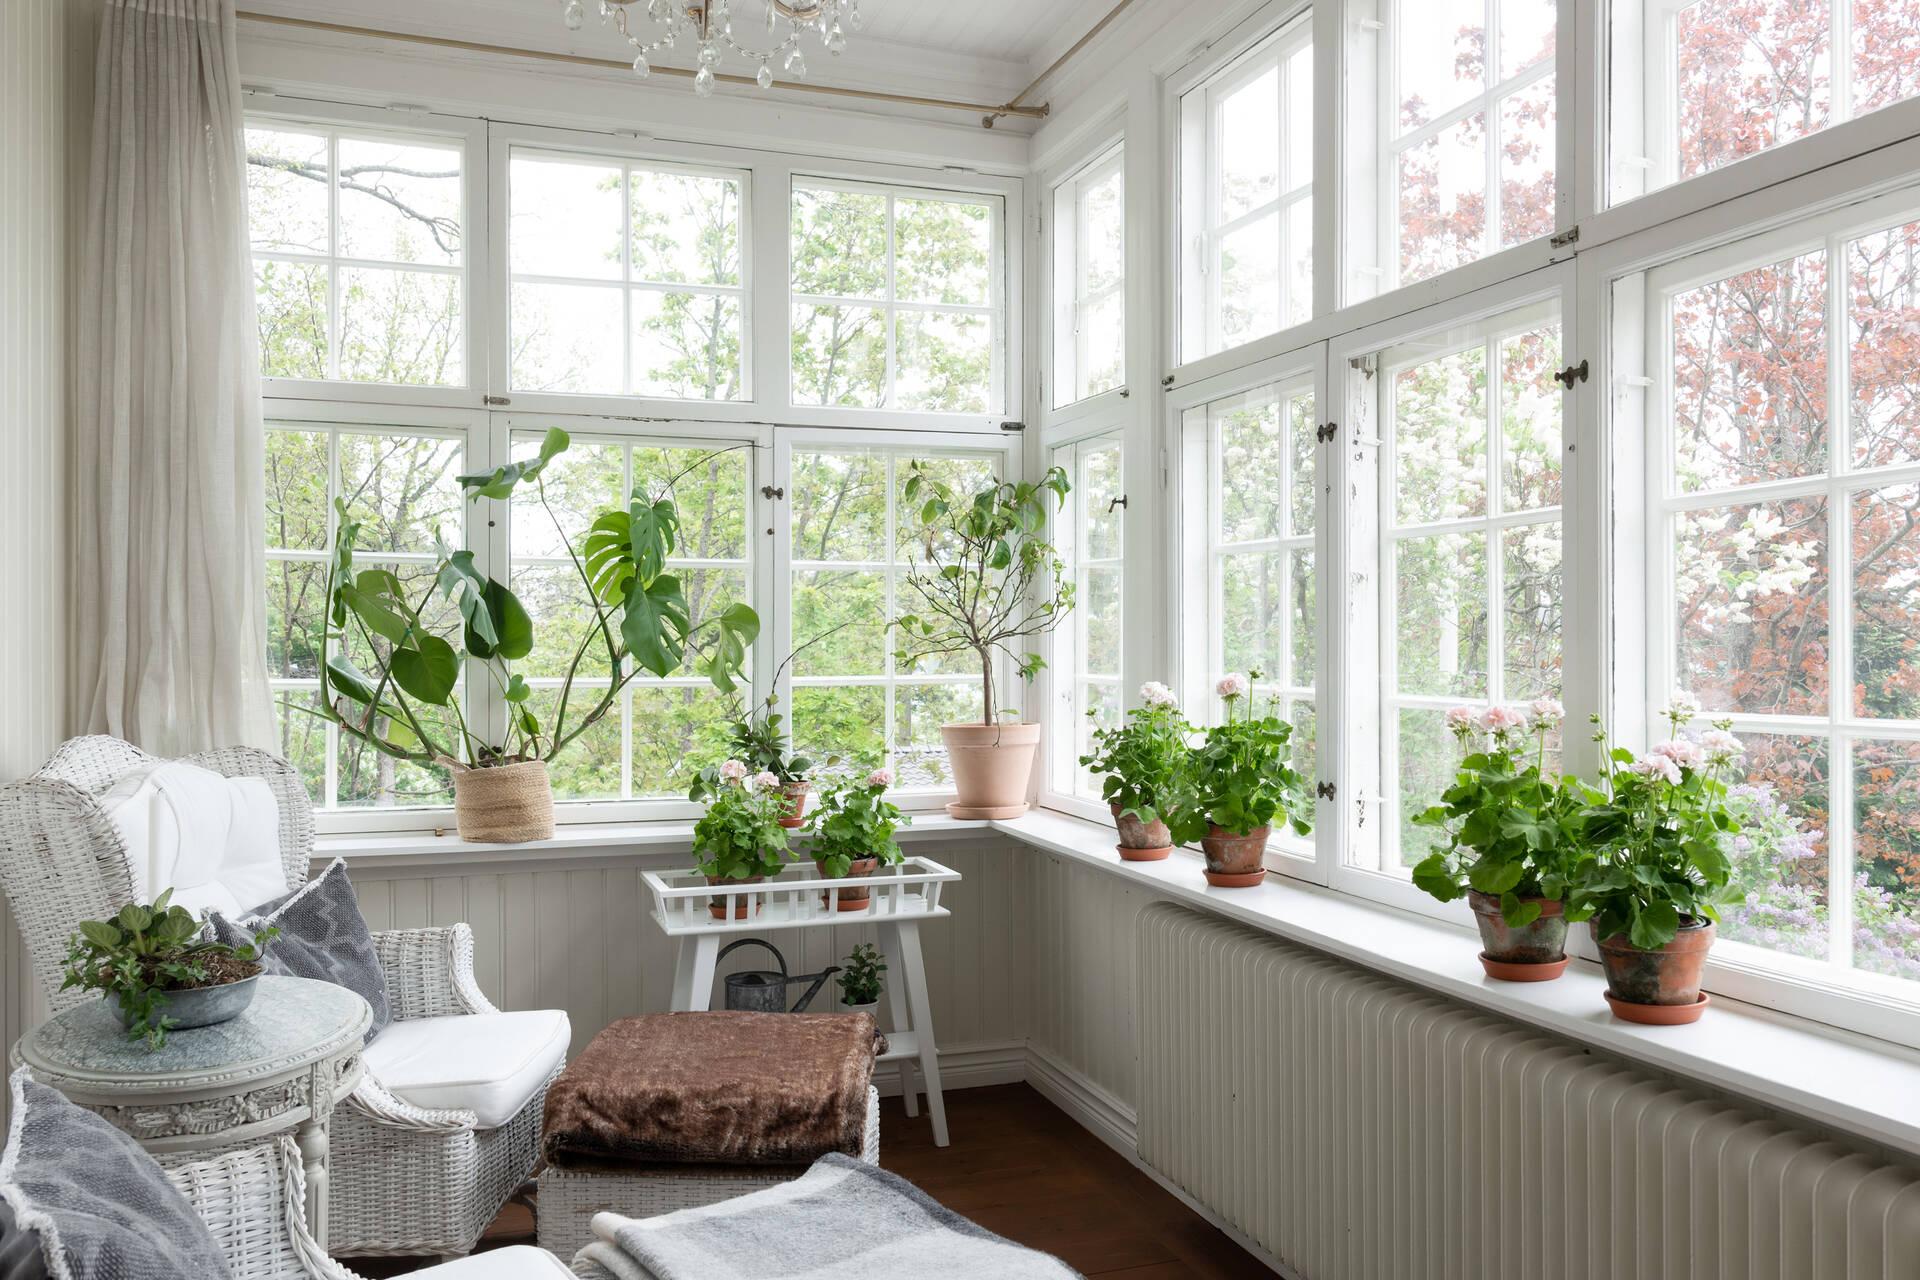 Punsch veranda